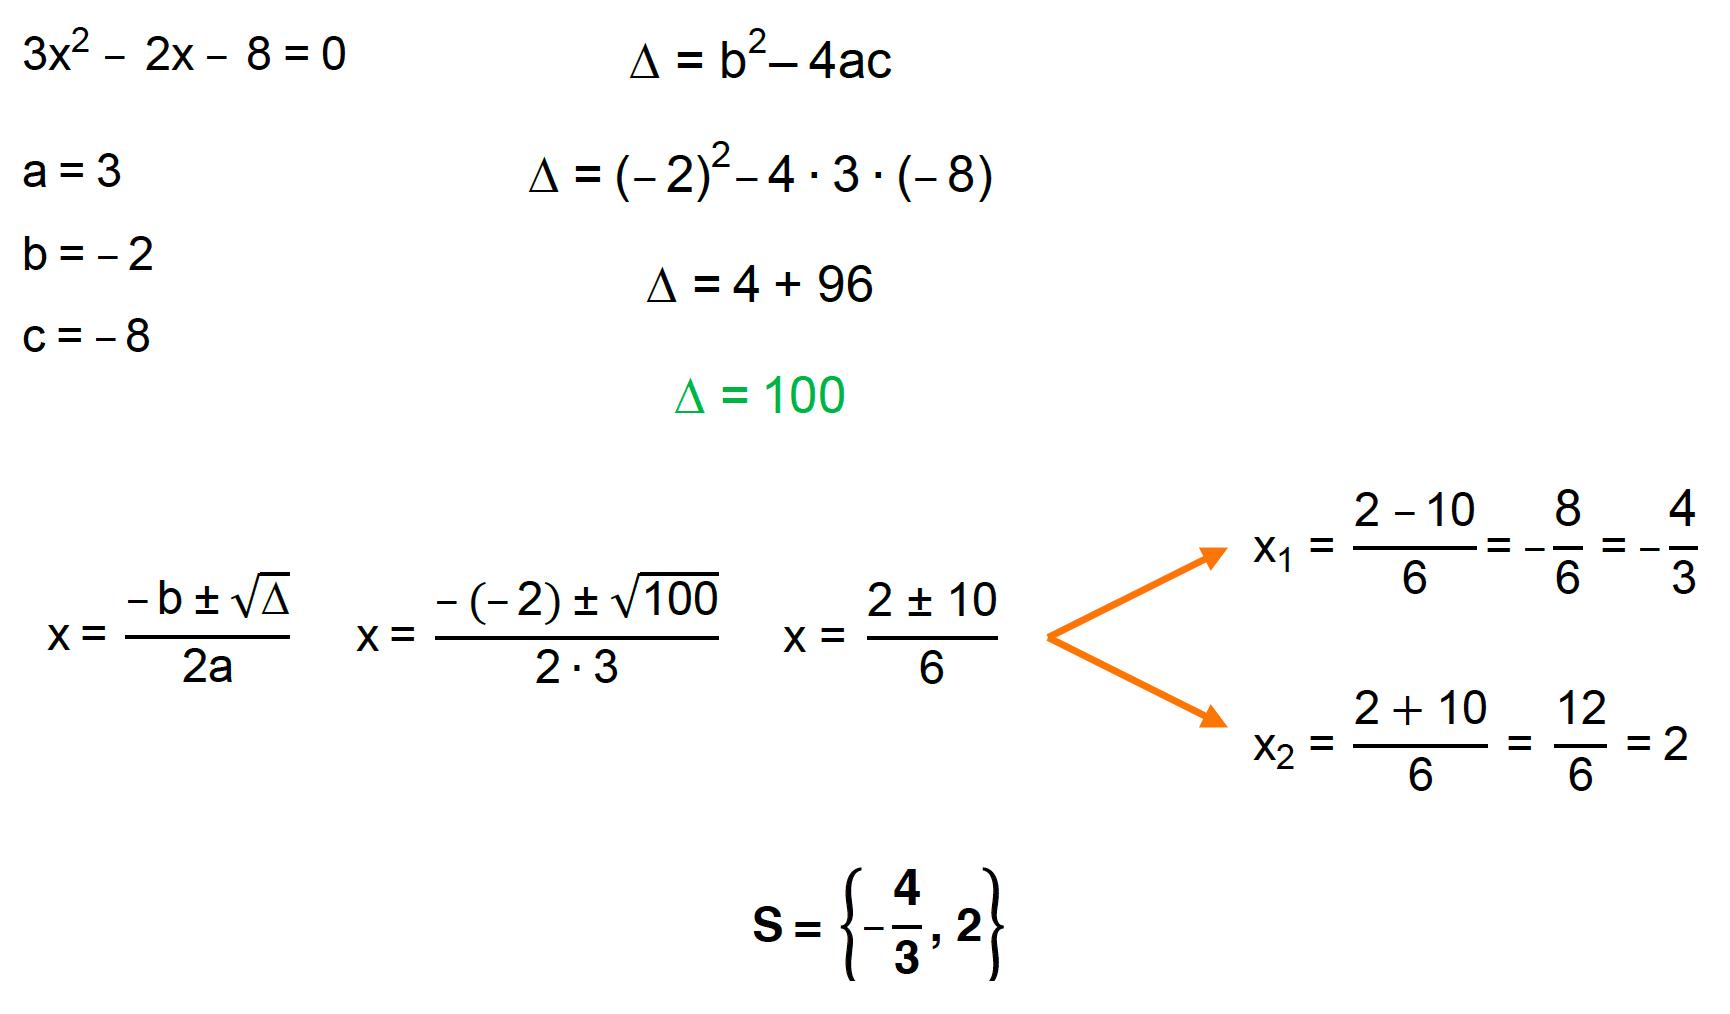 aplicando a fórmula de Bhaskara na equação 3x^2 – 2x – 8 = 0 encontra-se como conjunto solução S = {-4/3, 2}